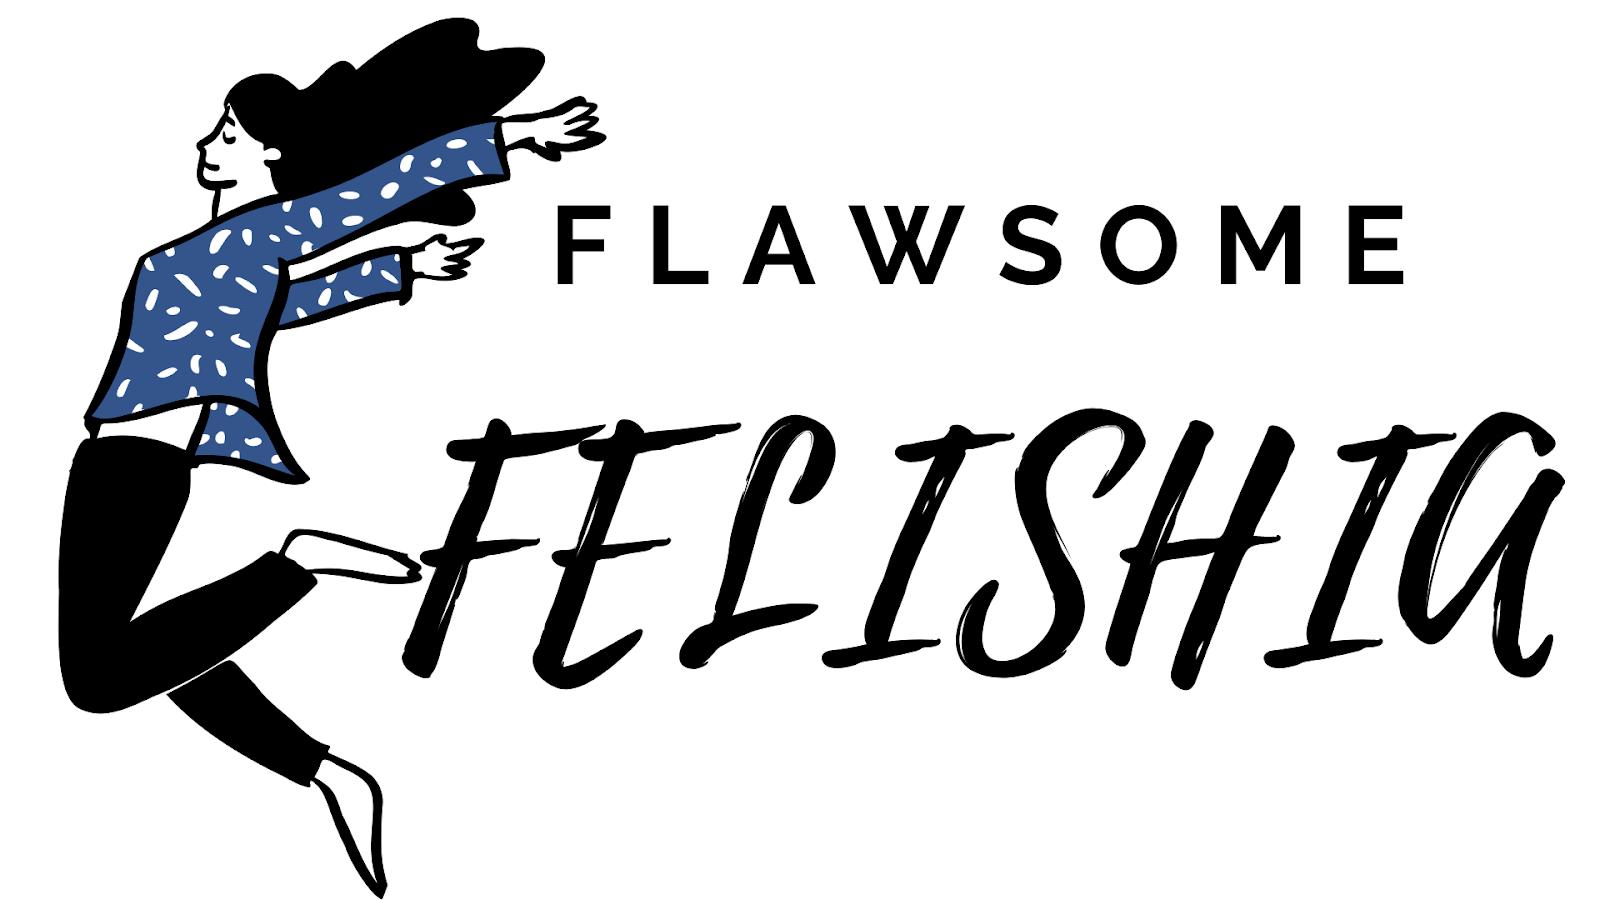 Flawsome Felishia - A Creative Corner